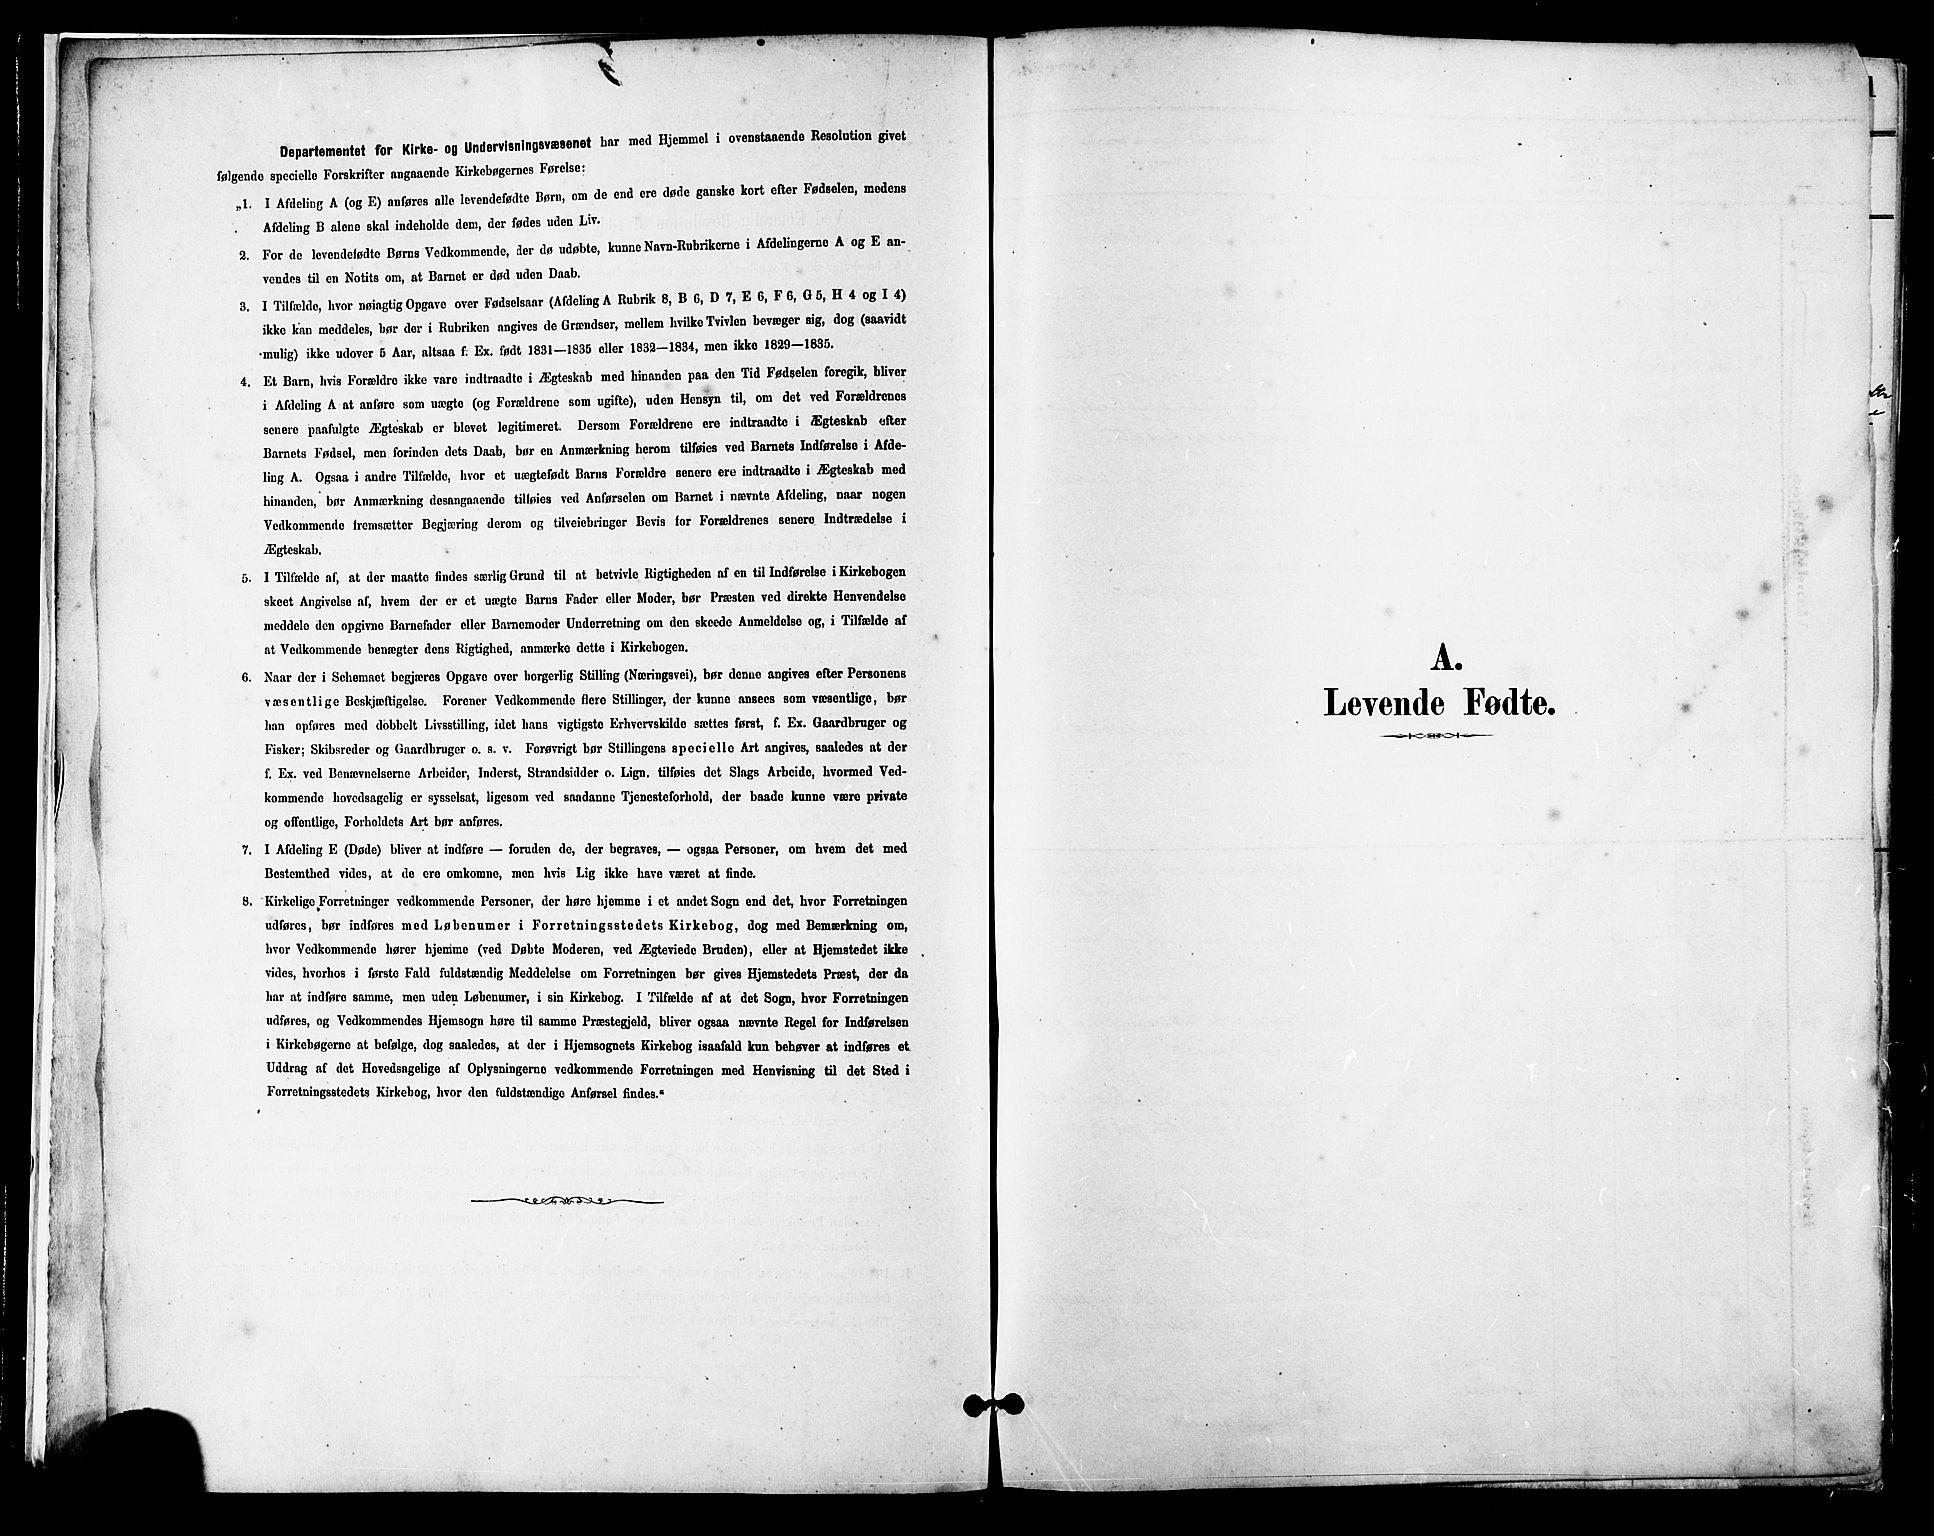 SAT, Ministerialprotokoller, klokkerbøker og fødselsregistre - Sør-Trøndelag, 630/L0496: Ministerialbok nr. 630A09, 1879-1895